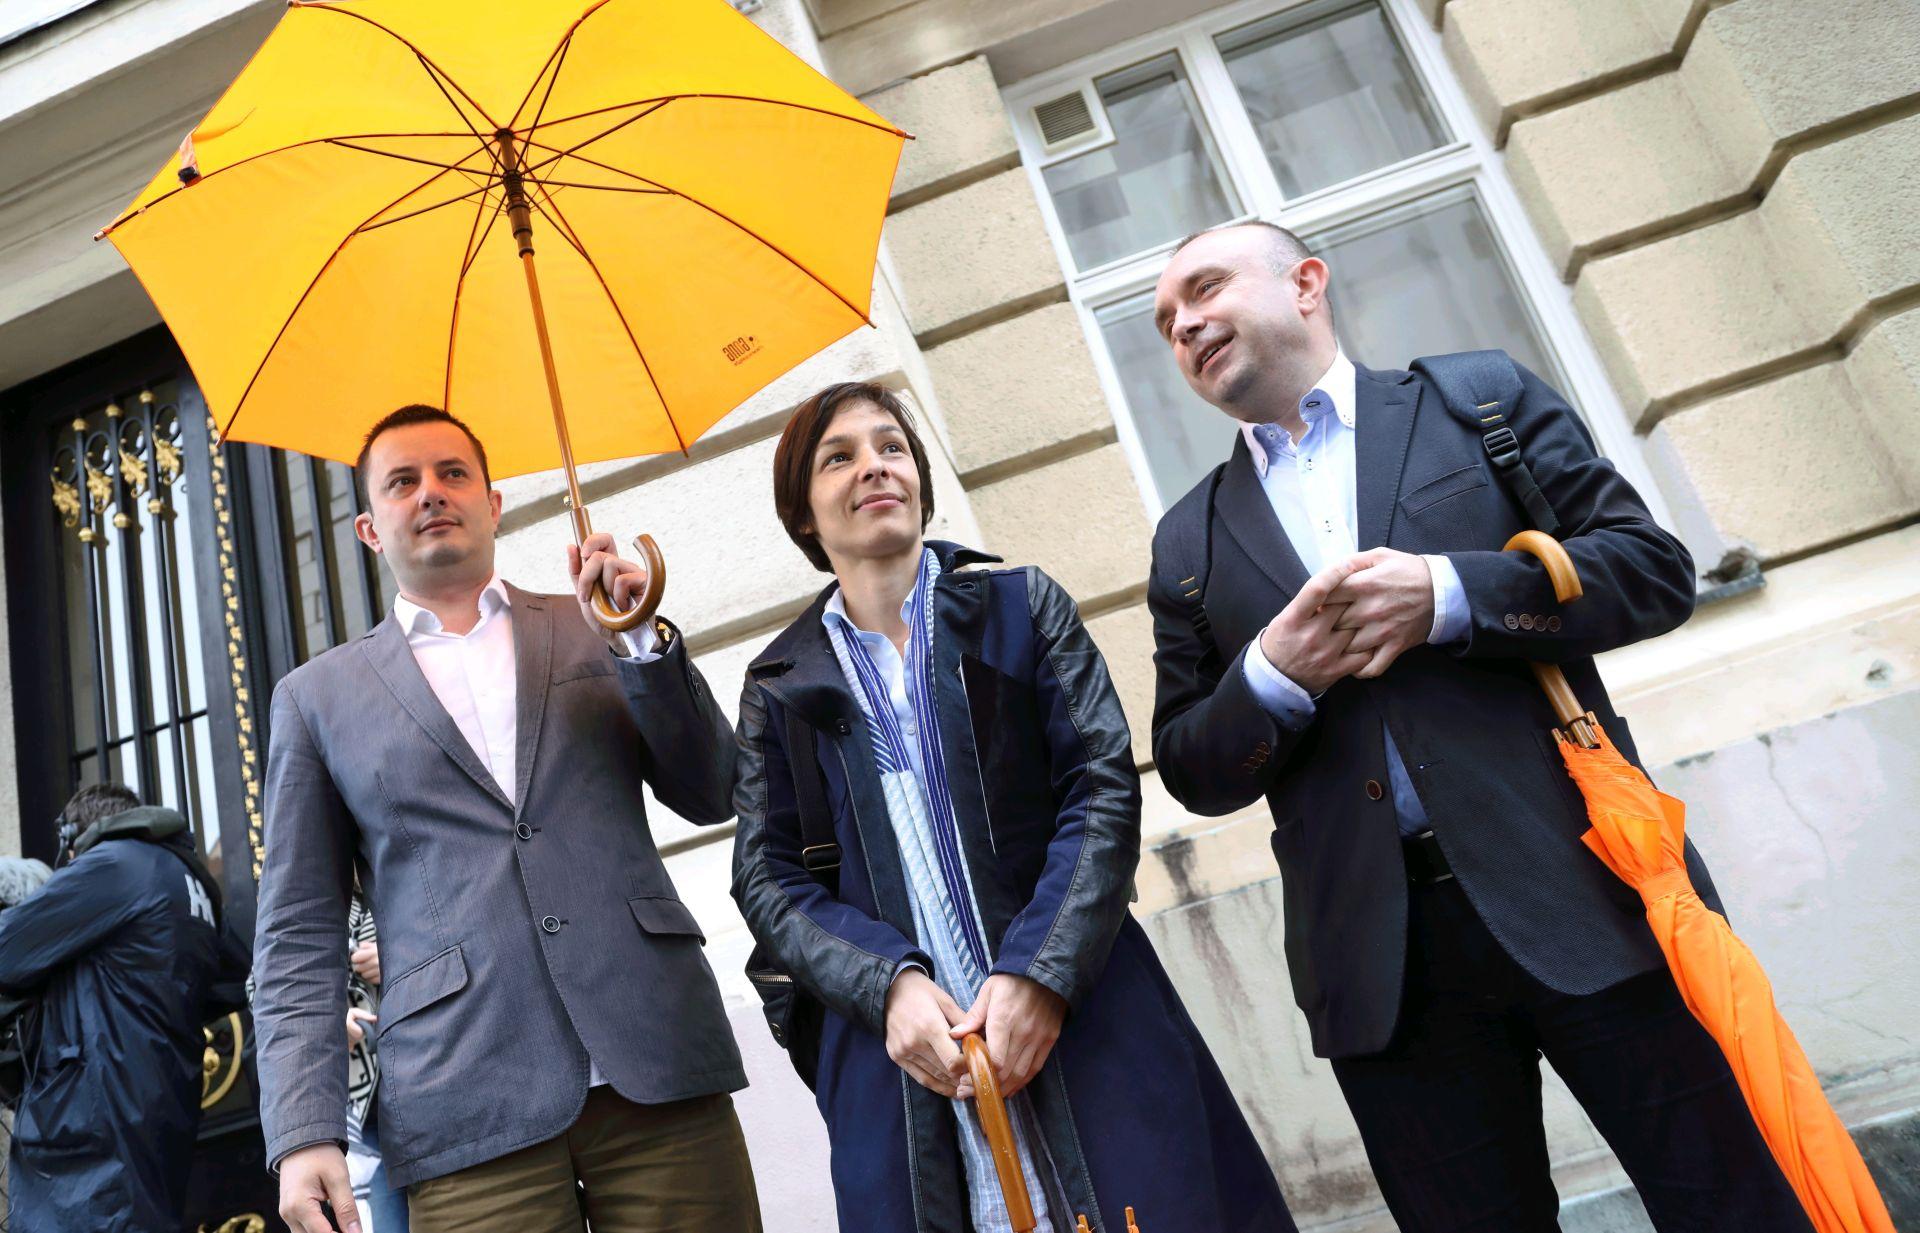 GONG 'Prvo rješavanje krize pa onda pauza – ako nema većine raspustiti Sabor'